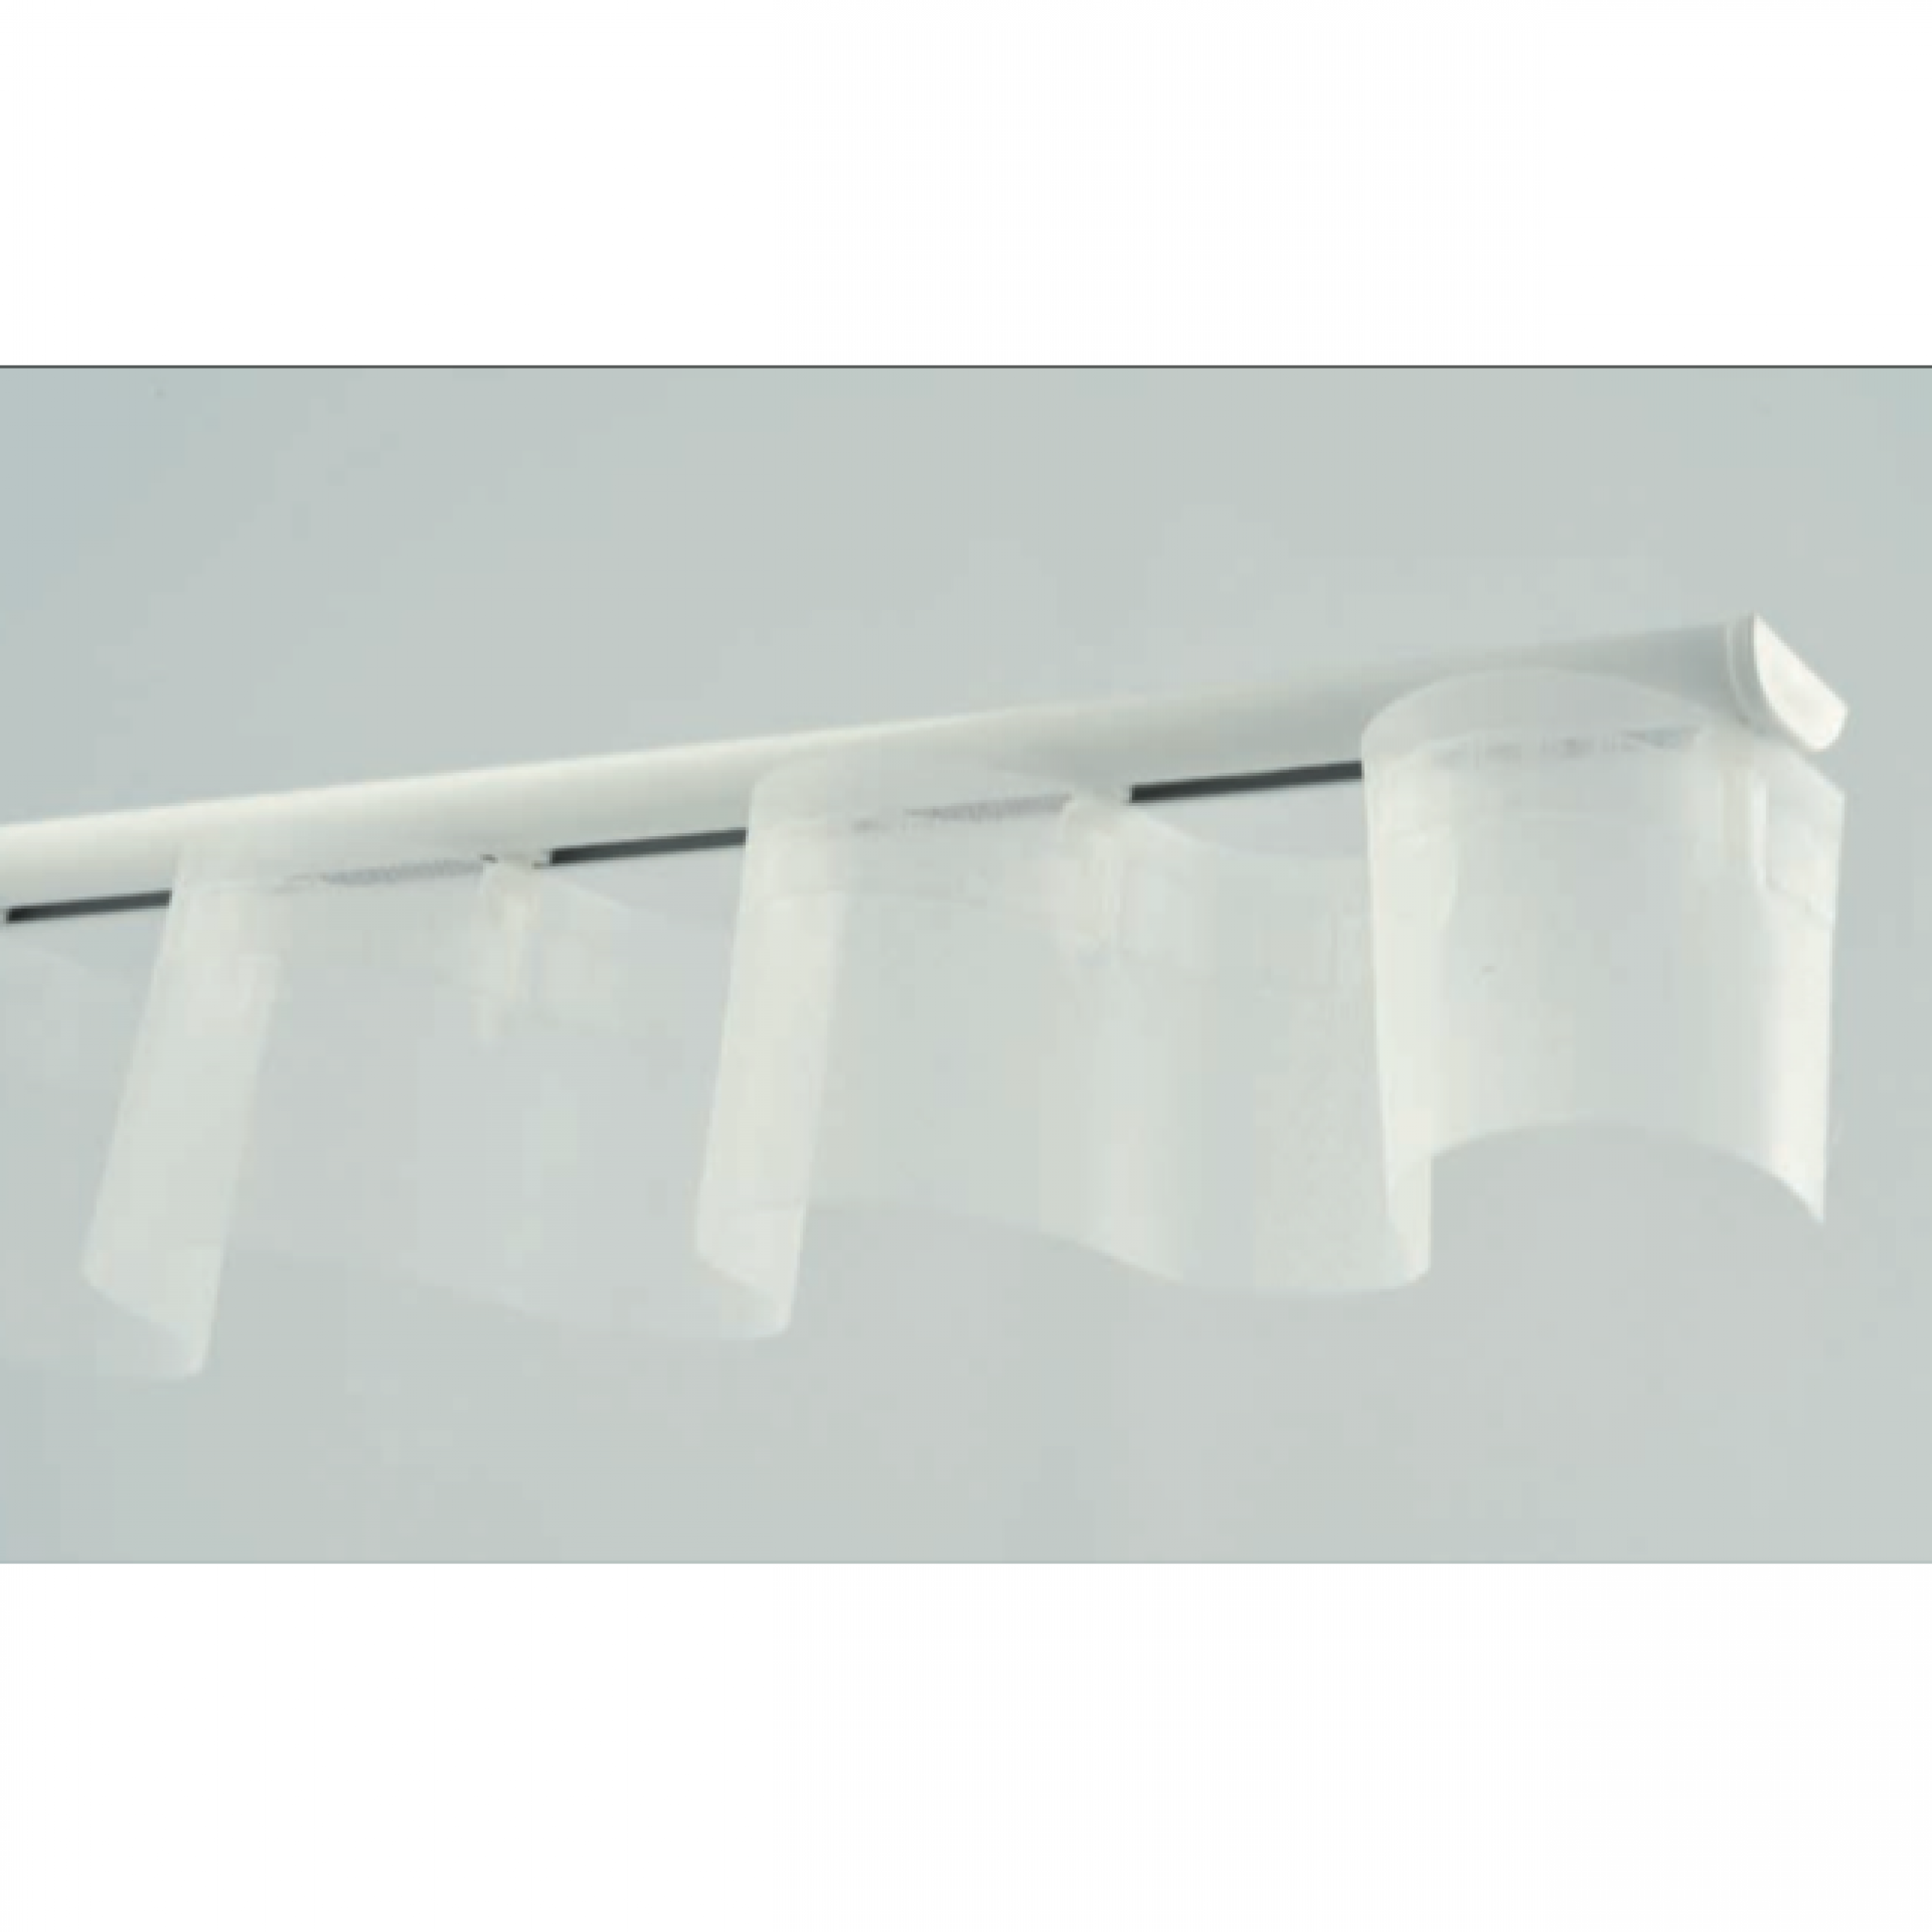 Barre Rideau Fixation Plafond rail ds pour rideau à vague extra plat 1,1 x 2,4 cm - l